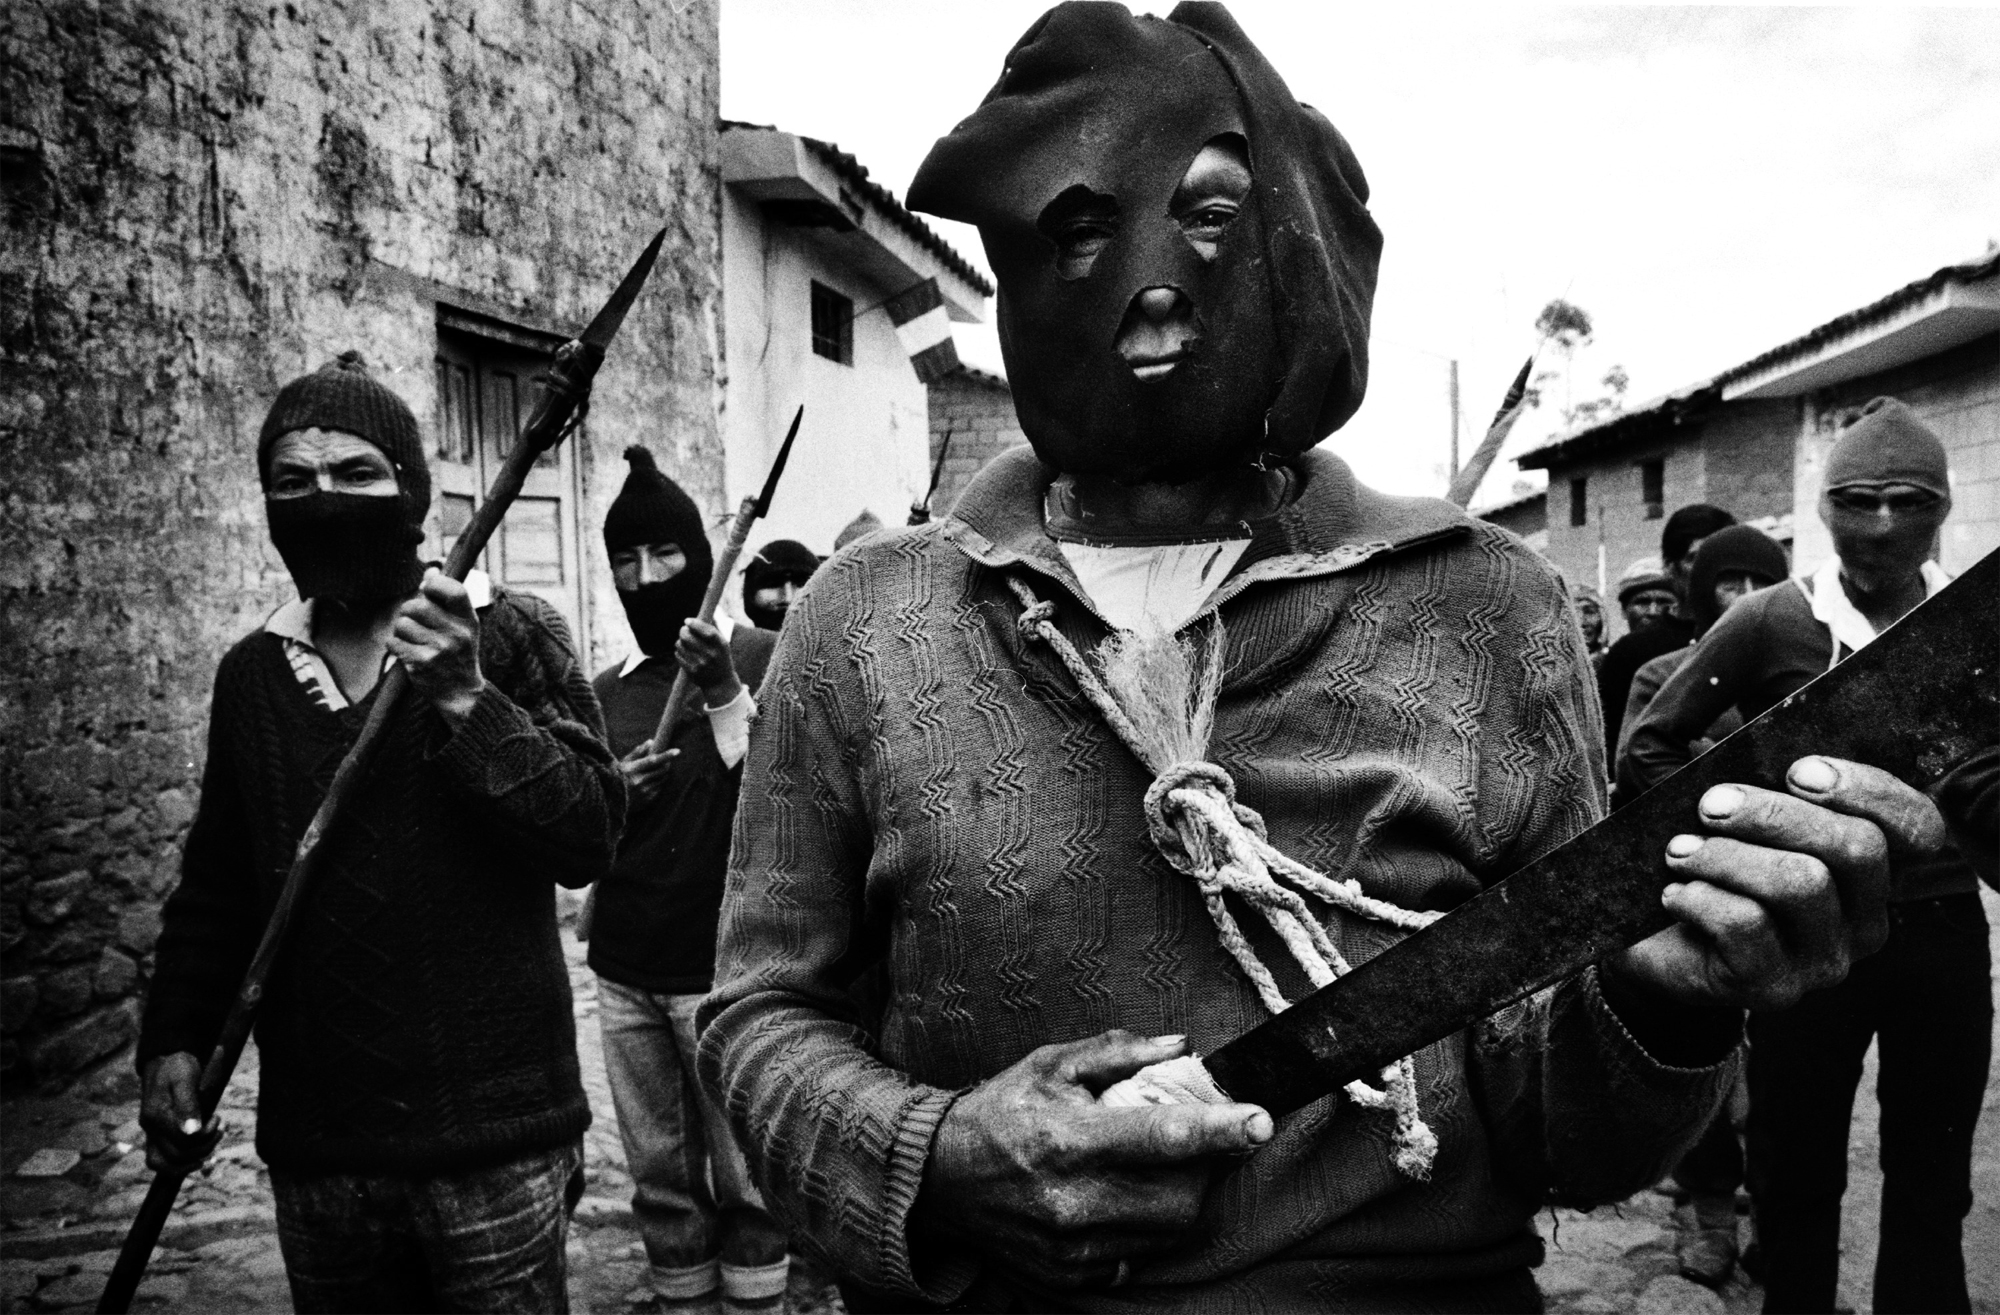 1991, Daily Life Reportage, 1° premio © Ivo Saglietti Peru, Ayacucho.  Il nome di Ayacucho ('luogo della morte' nel linguaggio locale) si è rivelato profetico: più di un decennio di conflitti tra i guerriglieri del Sendero Luminoso (Sentiero Luminoso) e la polizia ha provocato la morte di circa 20.000 persone.